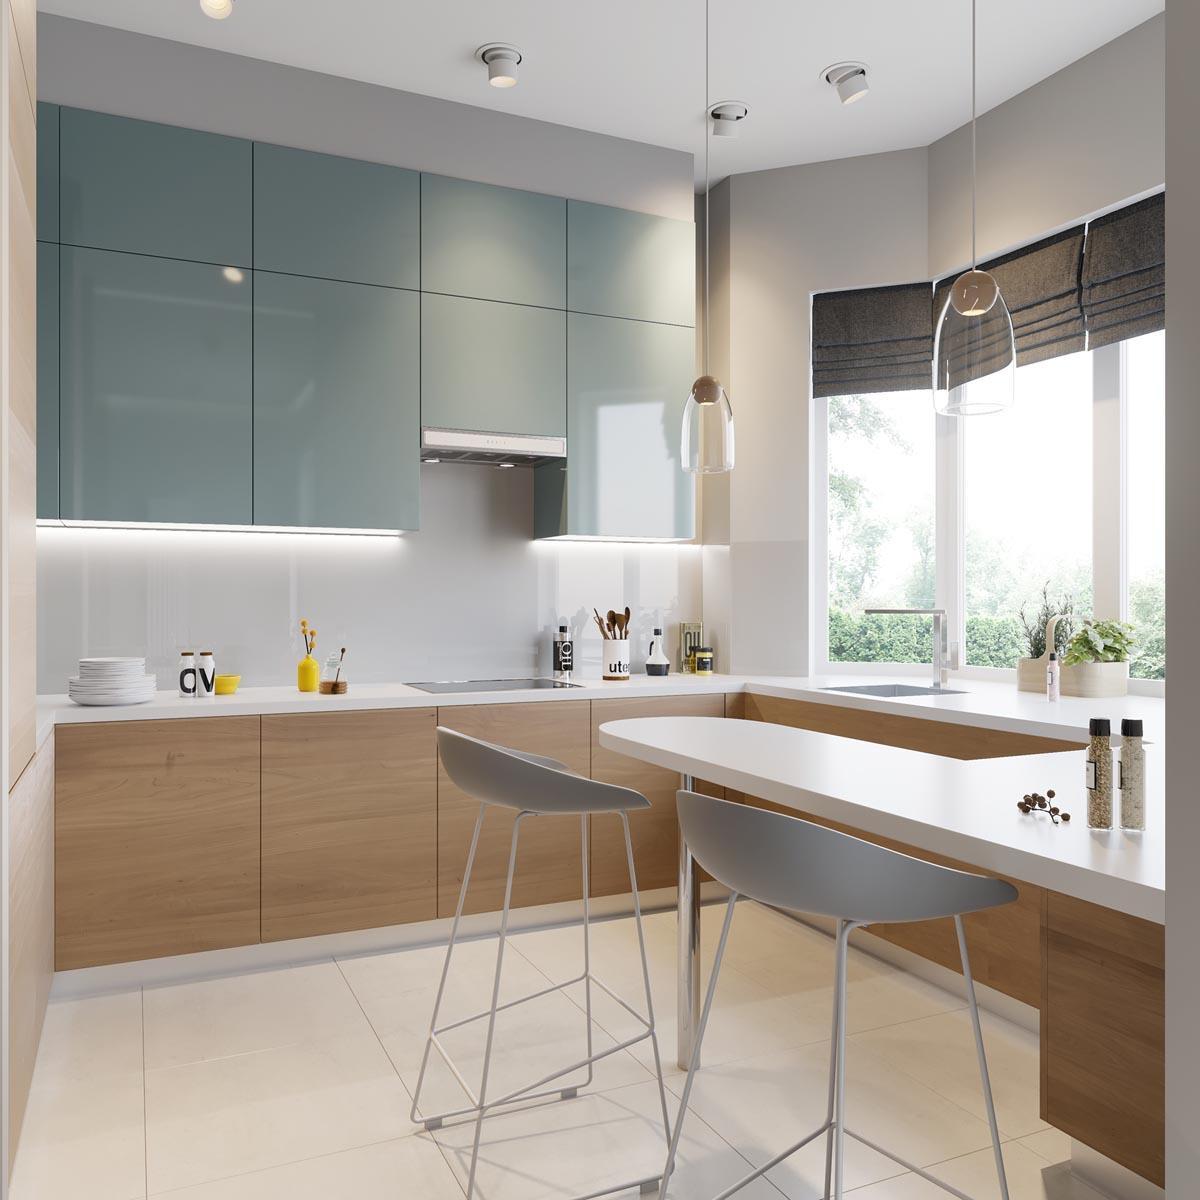 Кухня квартиры - студии